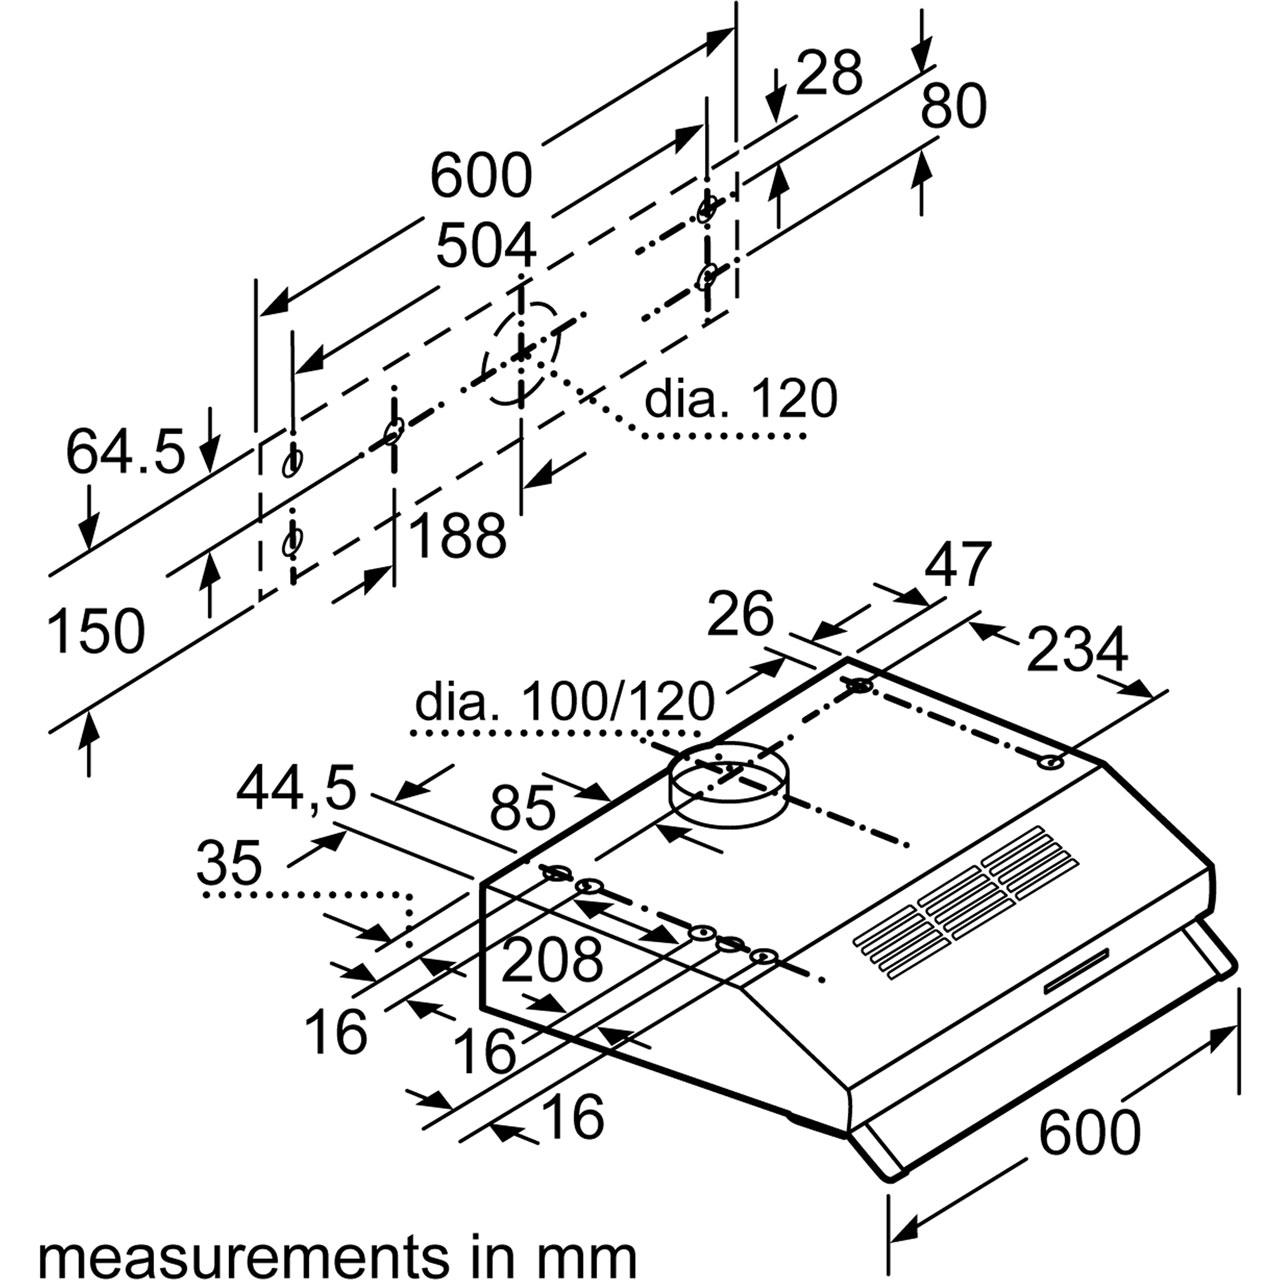 hight resolution of refrigeration compressor 220 volt wiring diagram 110 plug embraco compressor wiring diagram embraco compressor start capacitor wiring